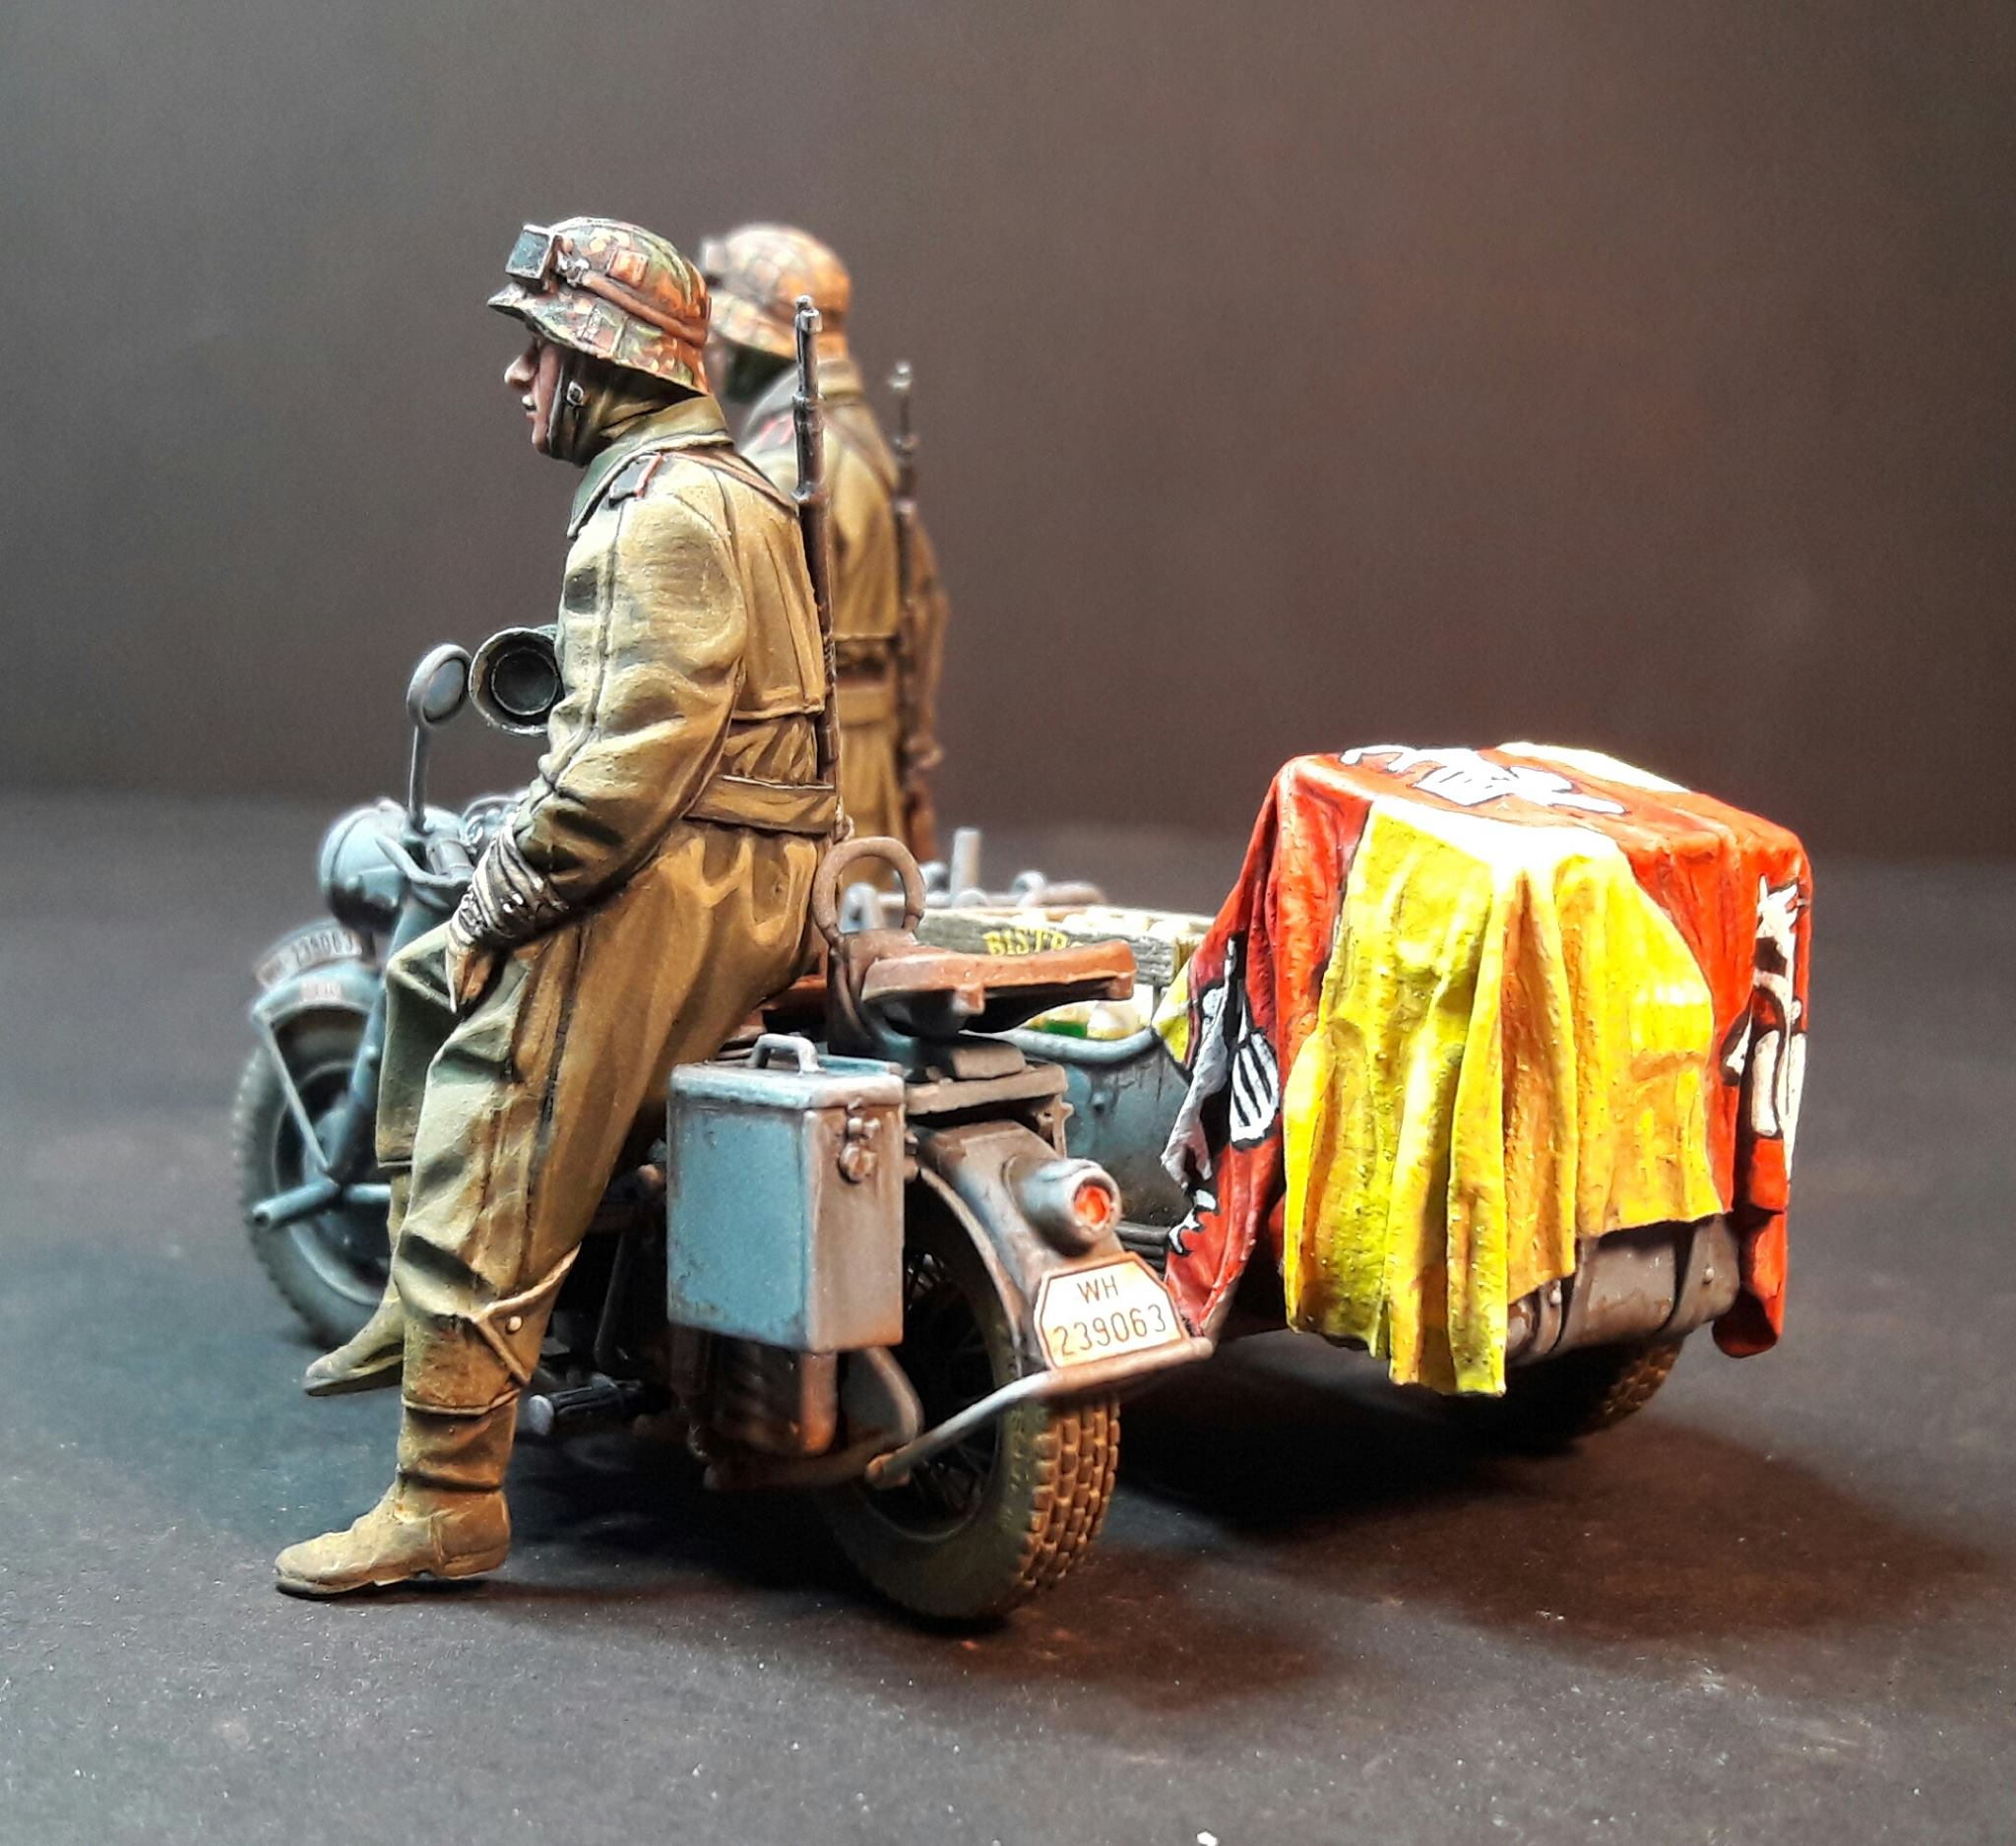 Zündapp KS750 - Sidecar - Great Wall Hobby + figurines Alpine - 1/35 - Page 5 40115620107609102117868066801641717676358o